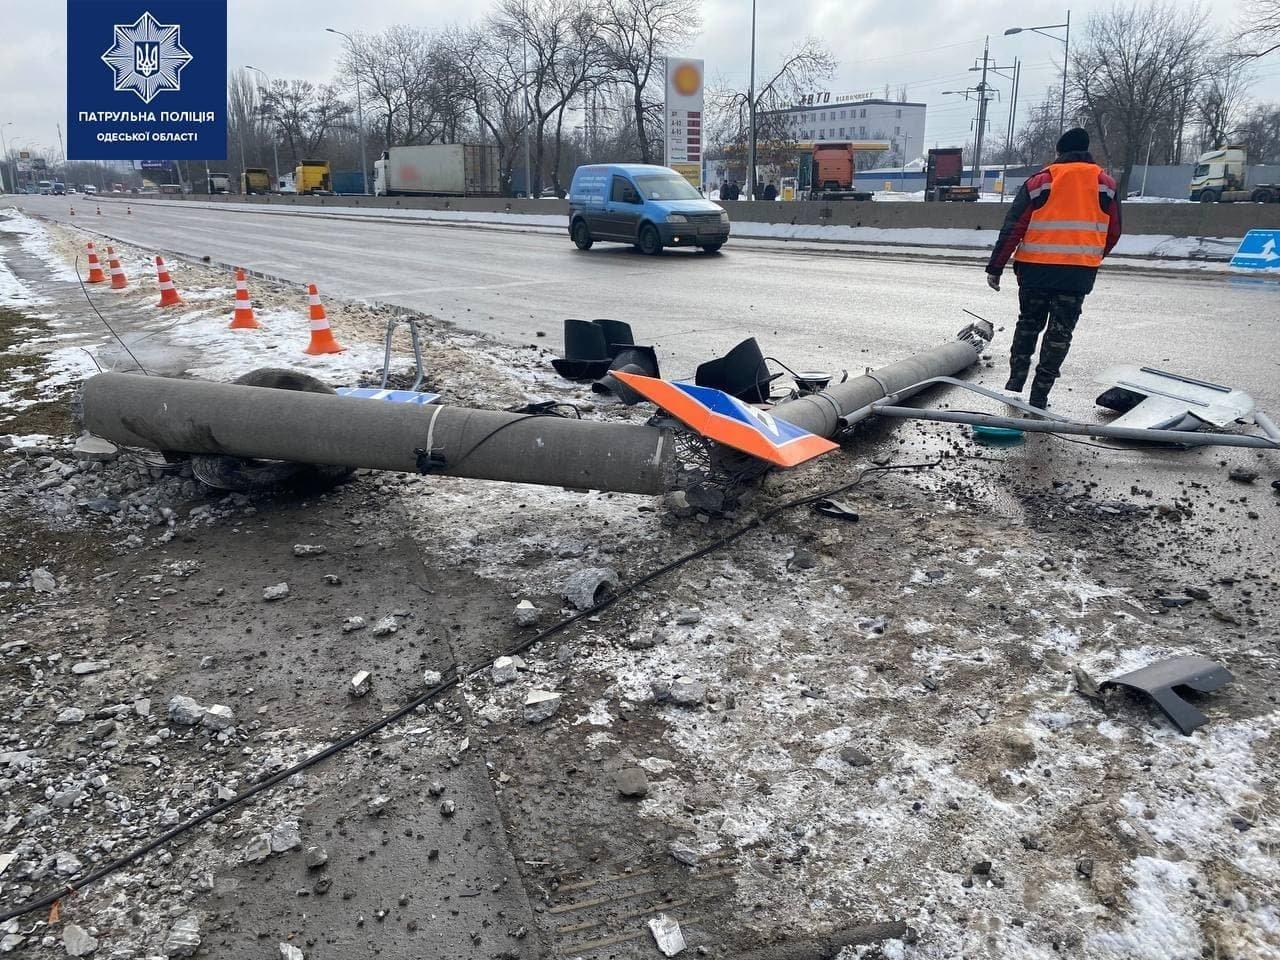 Под Одессой автомобиль врезался в столб, водителя госпитализировали,  - ФОТО, фото-3